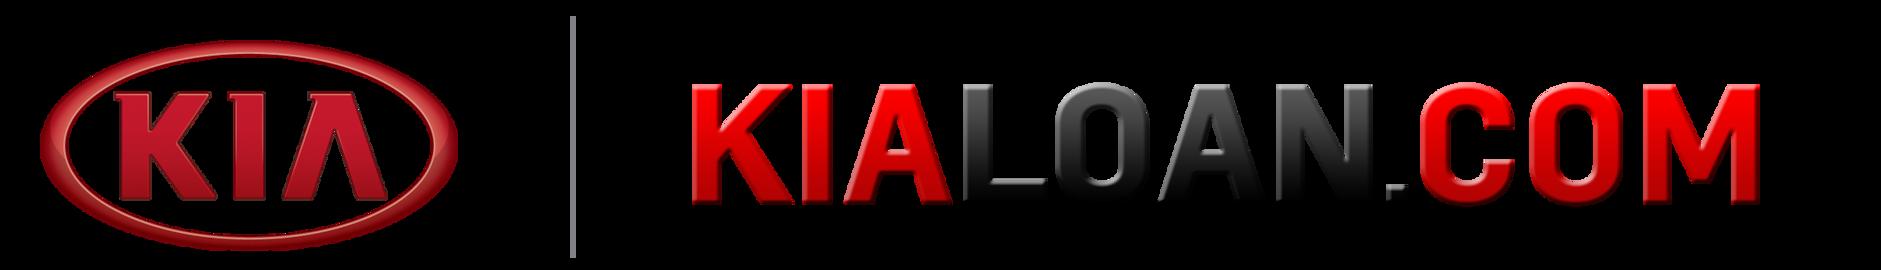 KiaLoan.com